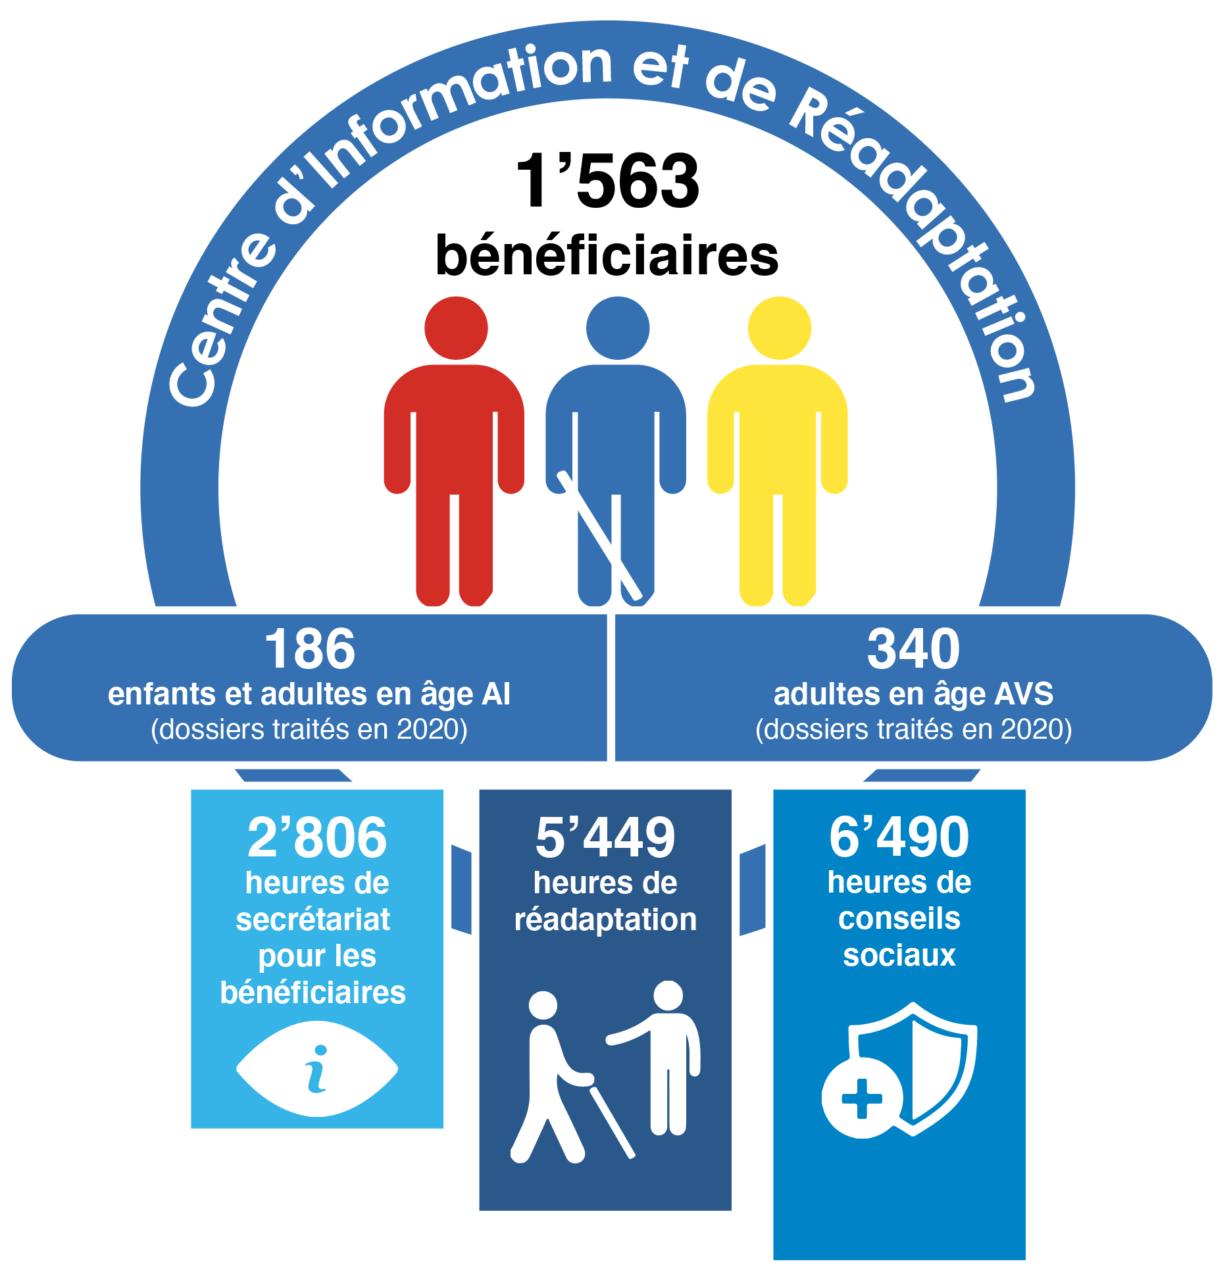 Infographie: Chiffres clés du Centre d'Information et de Réadaptation: 1563 bénéficiaires, 2806 heures de secrétariat, 5449 heures de réadaptation et 6490 heures de conseils sociaux.